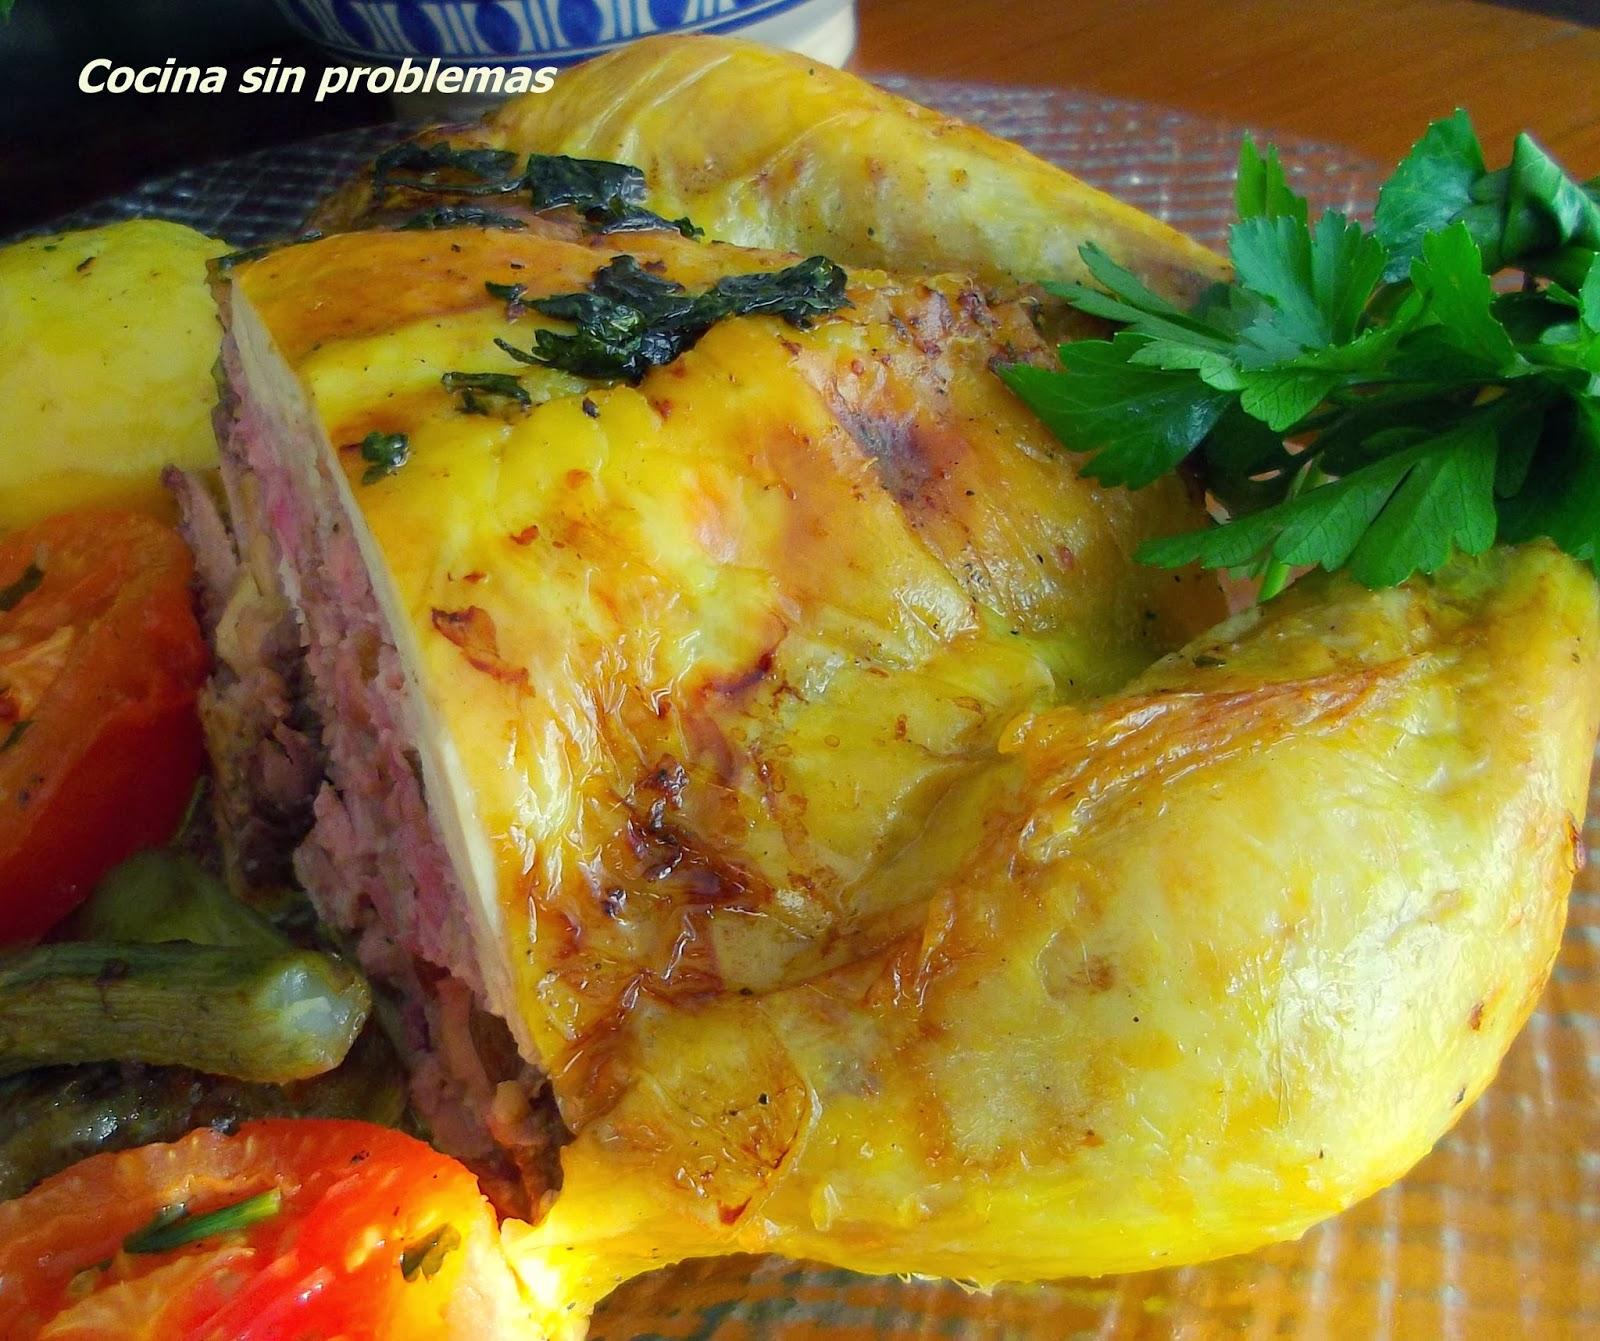 Como Cocinar Pollo Relleno Al Horno   Cocina Sin Problemas Pollo Relleno Al Horno